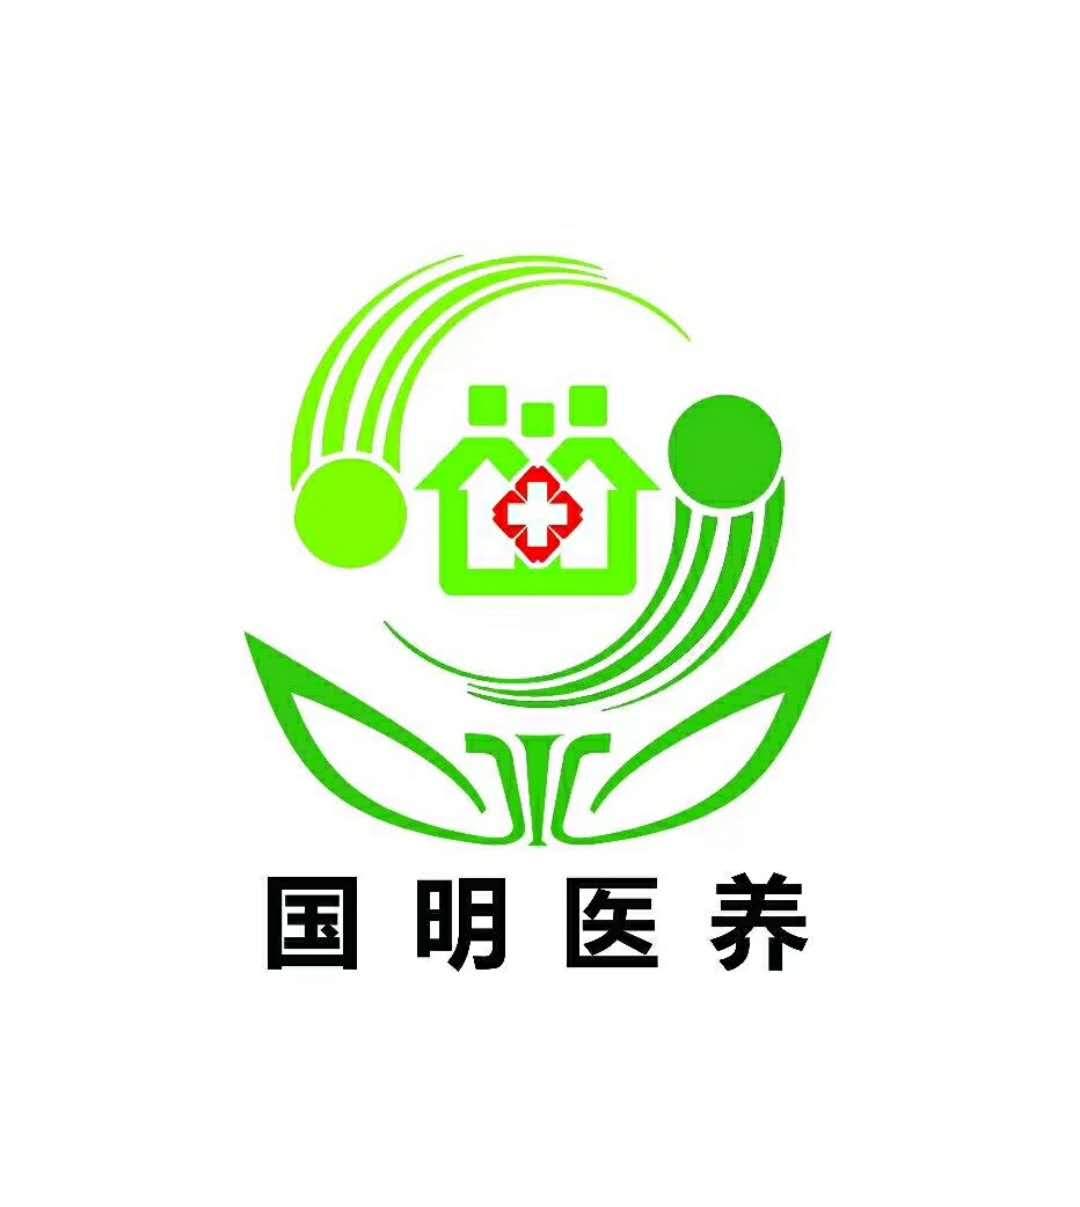 恭喜我公司成功入選CCTV《東方關注》品牌發展計劃! 企業資訊-河北國明生物科技有限公司